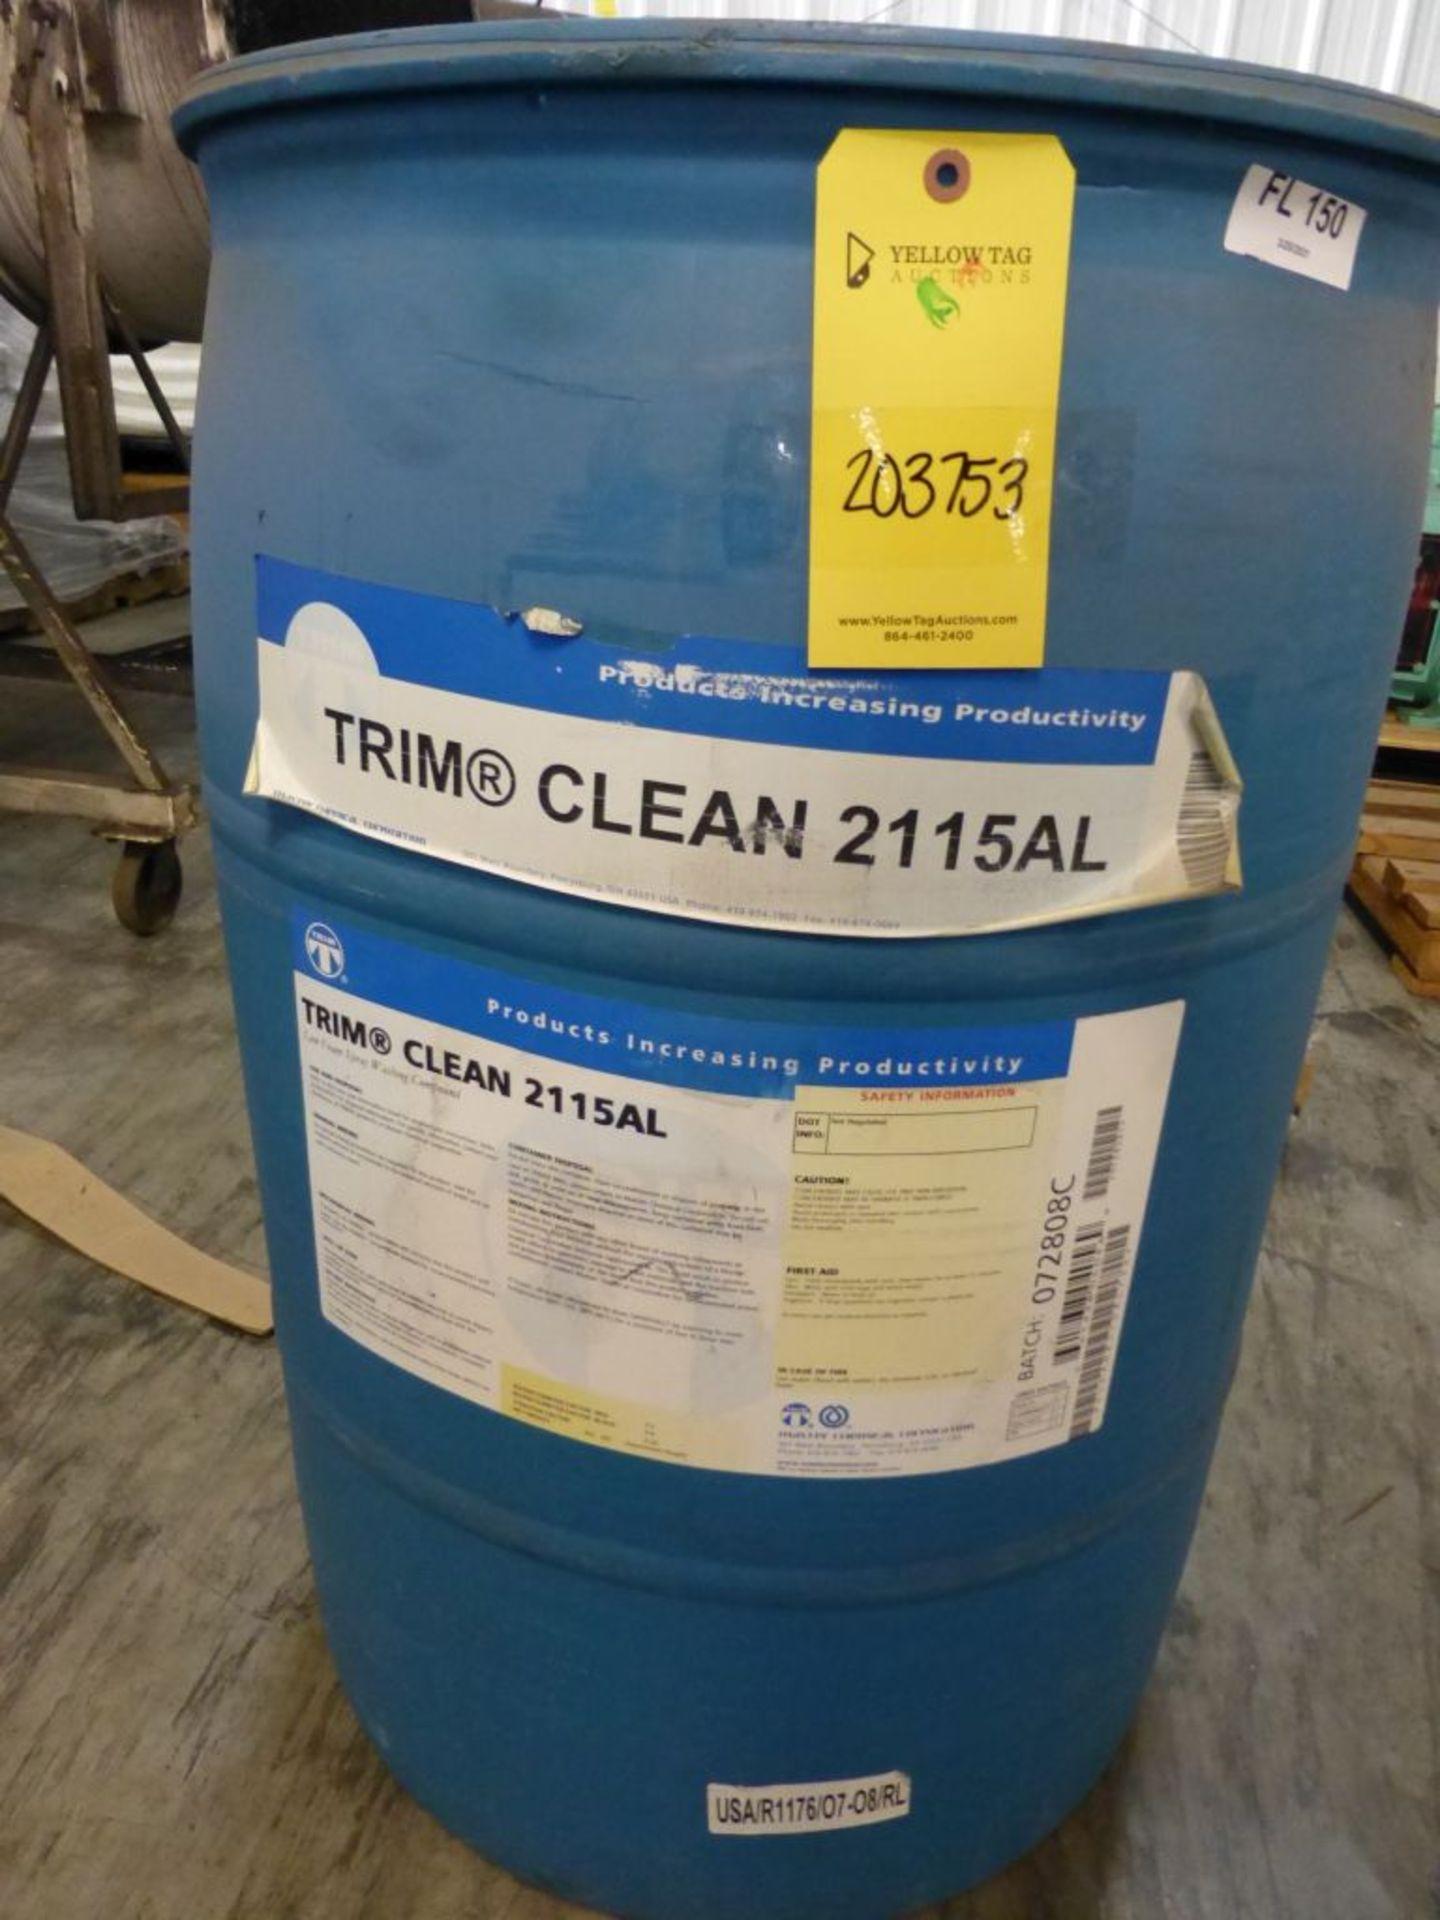 TRIM Clean 2115AL Low Foam Spray Washing Compound | Batch No. 072808C; 491 lbs